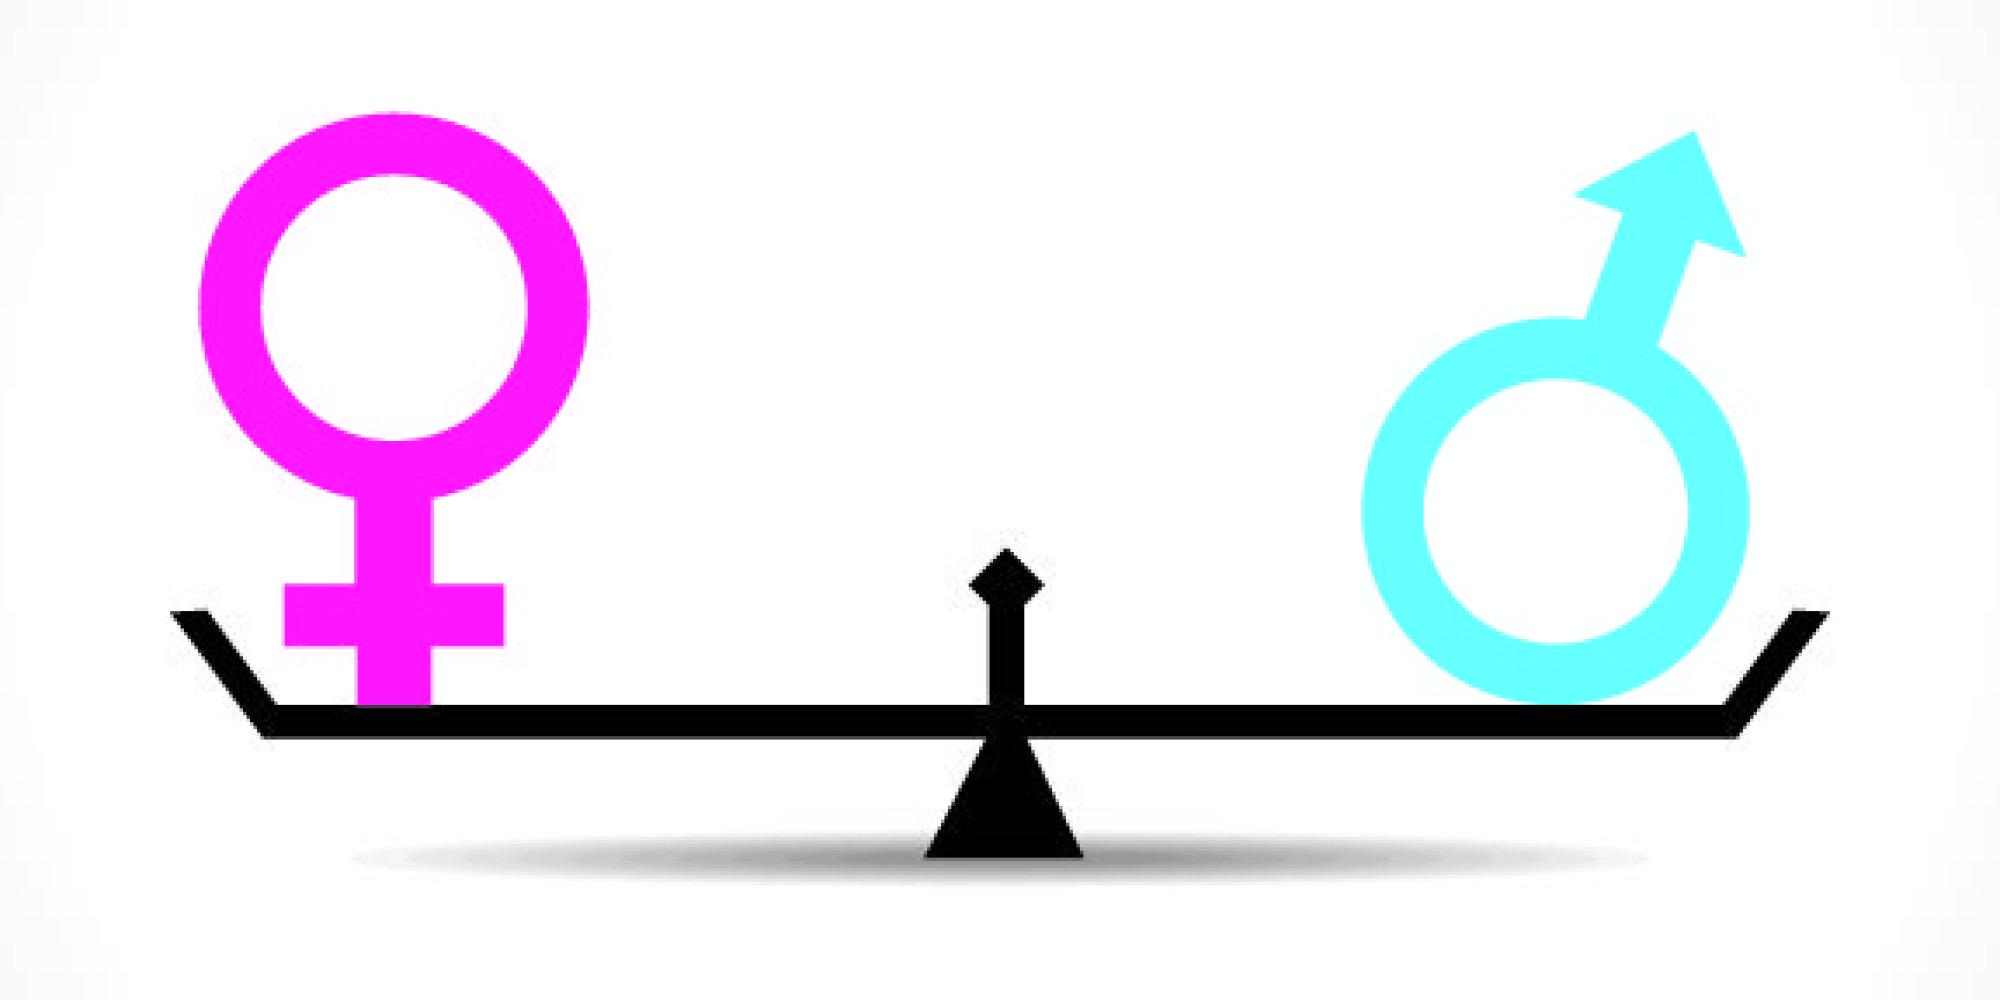 gambar untuk gender equality